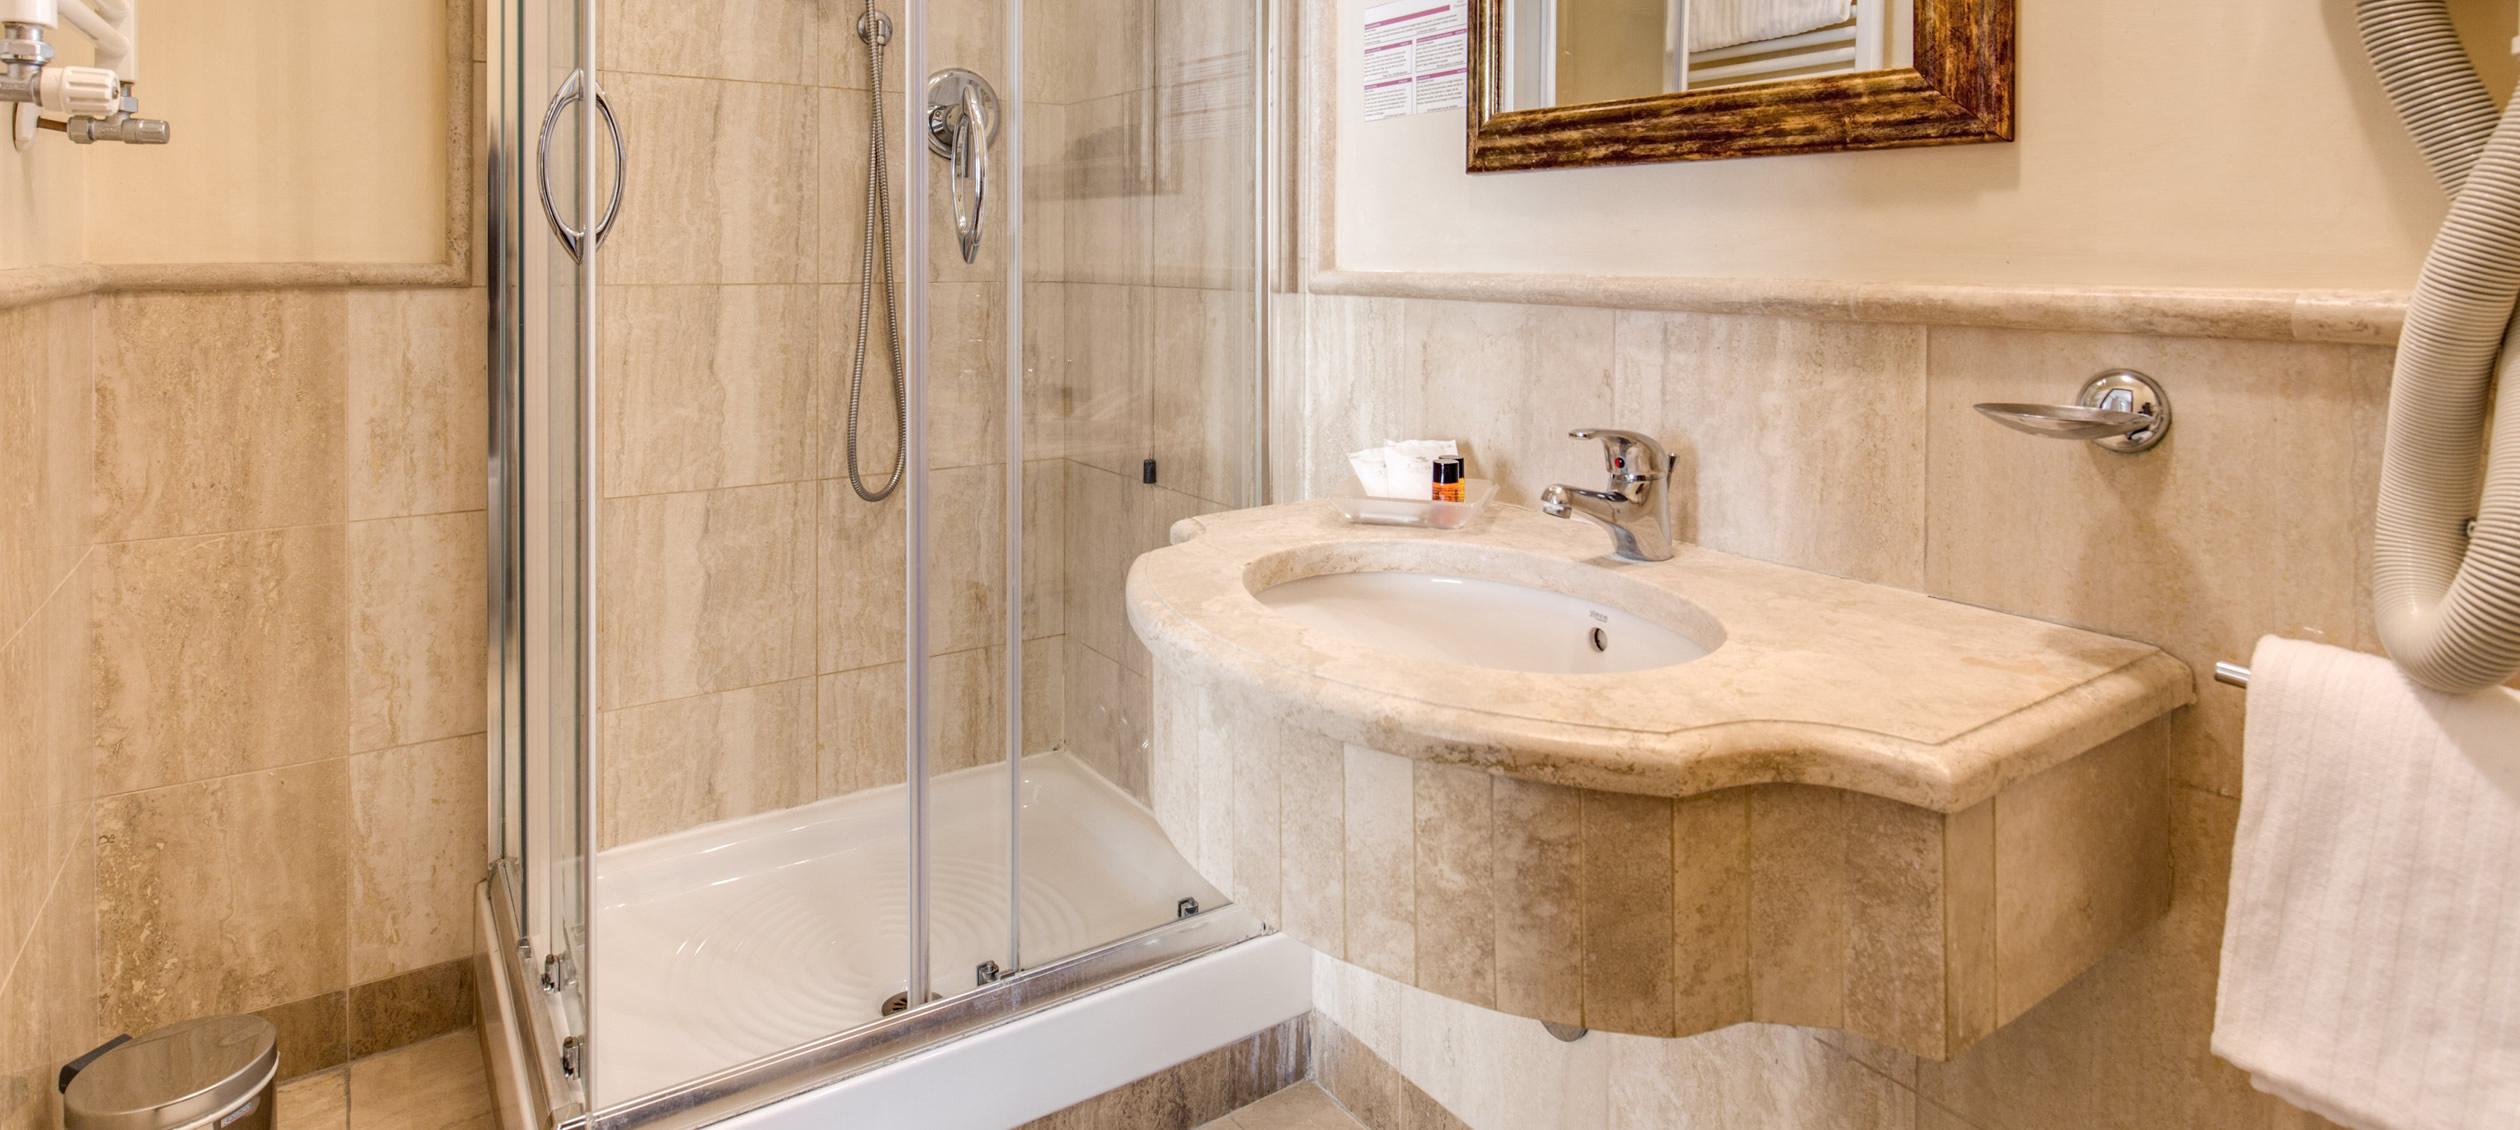 Hotel Giotto Roma - Sito Ufficiale - Albergo 3 Stelle Roma